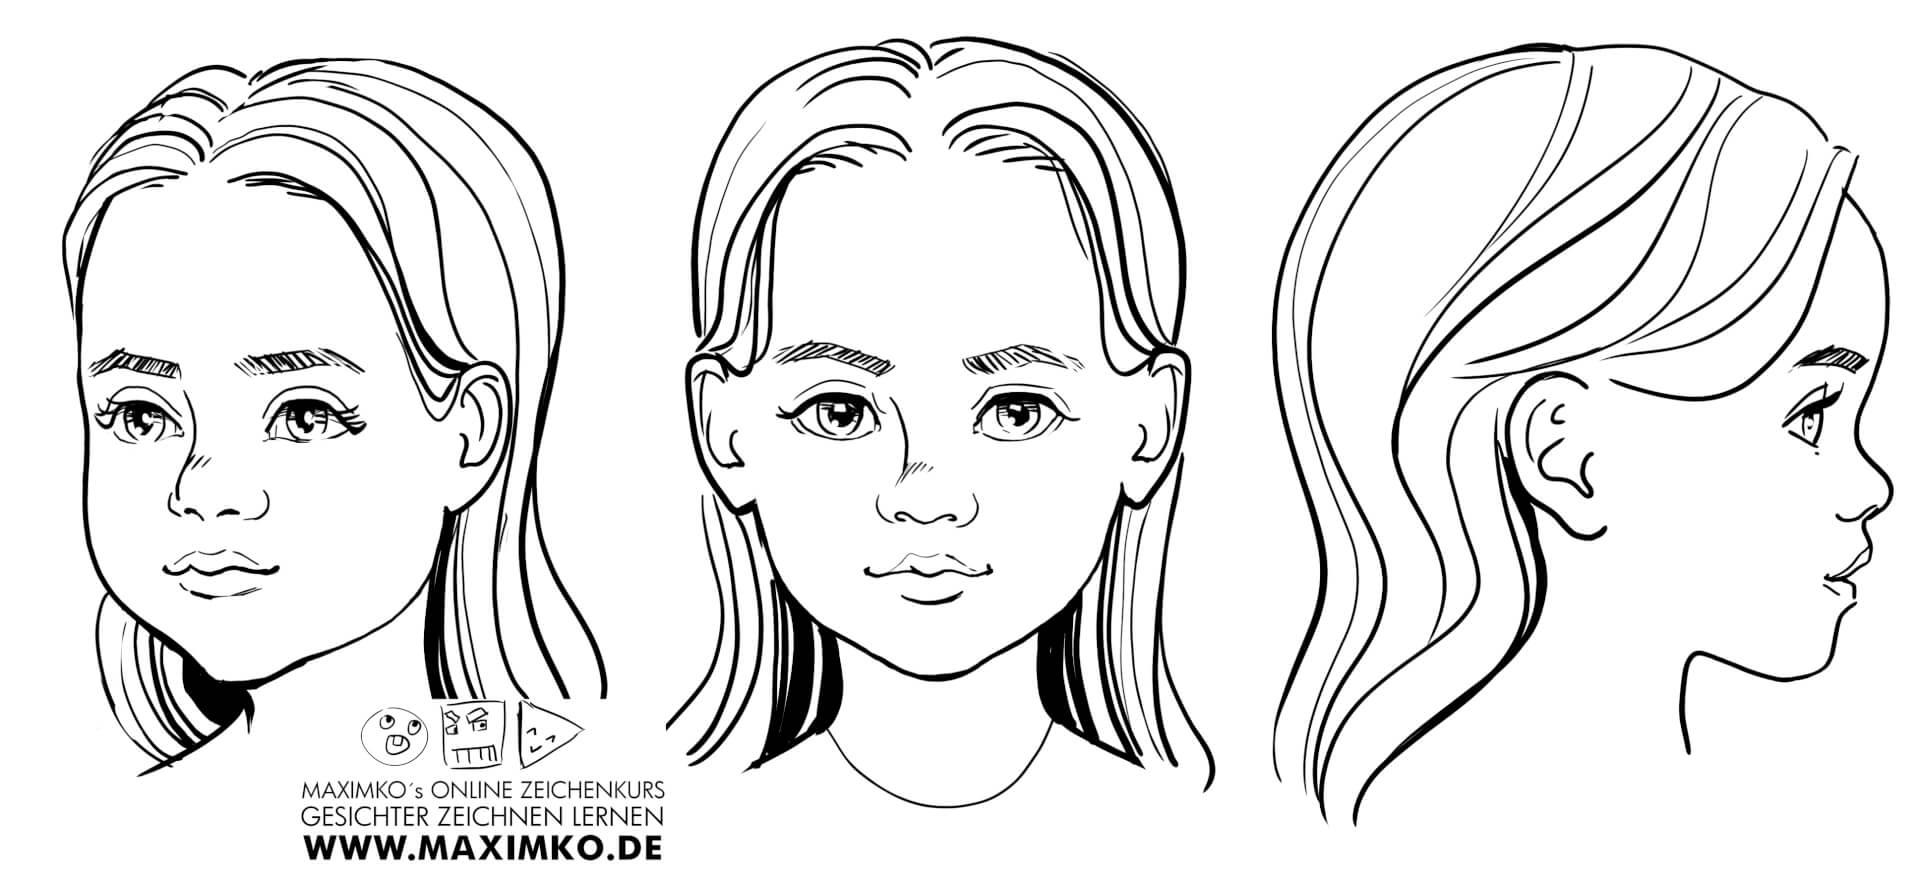 gesichter zeichnen lernen online baby babys kind kinder zeichnen schritt für schritt anleitung maxim simonenko